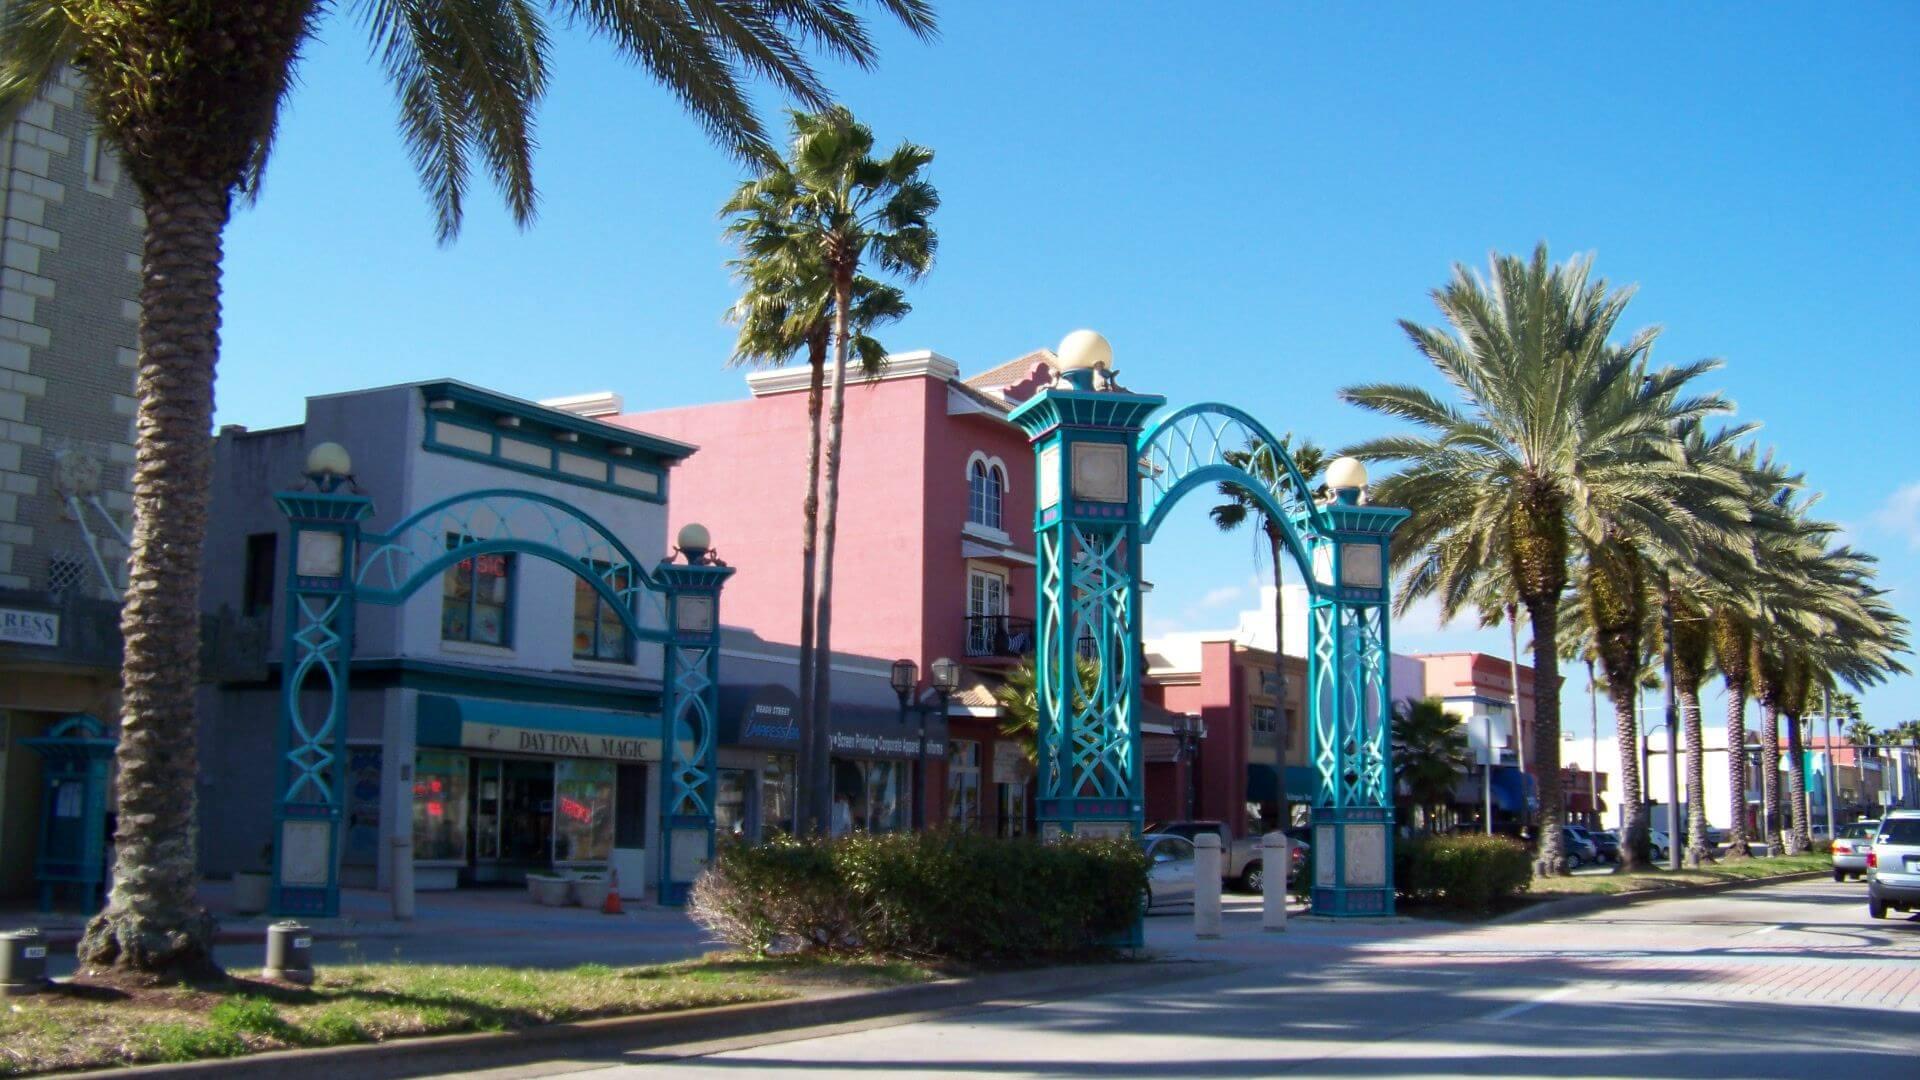 Pontos turísticos em Daytona Beach: Riverfront Shops